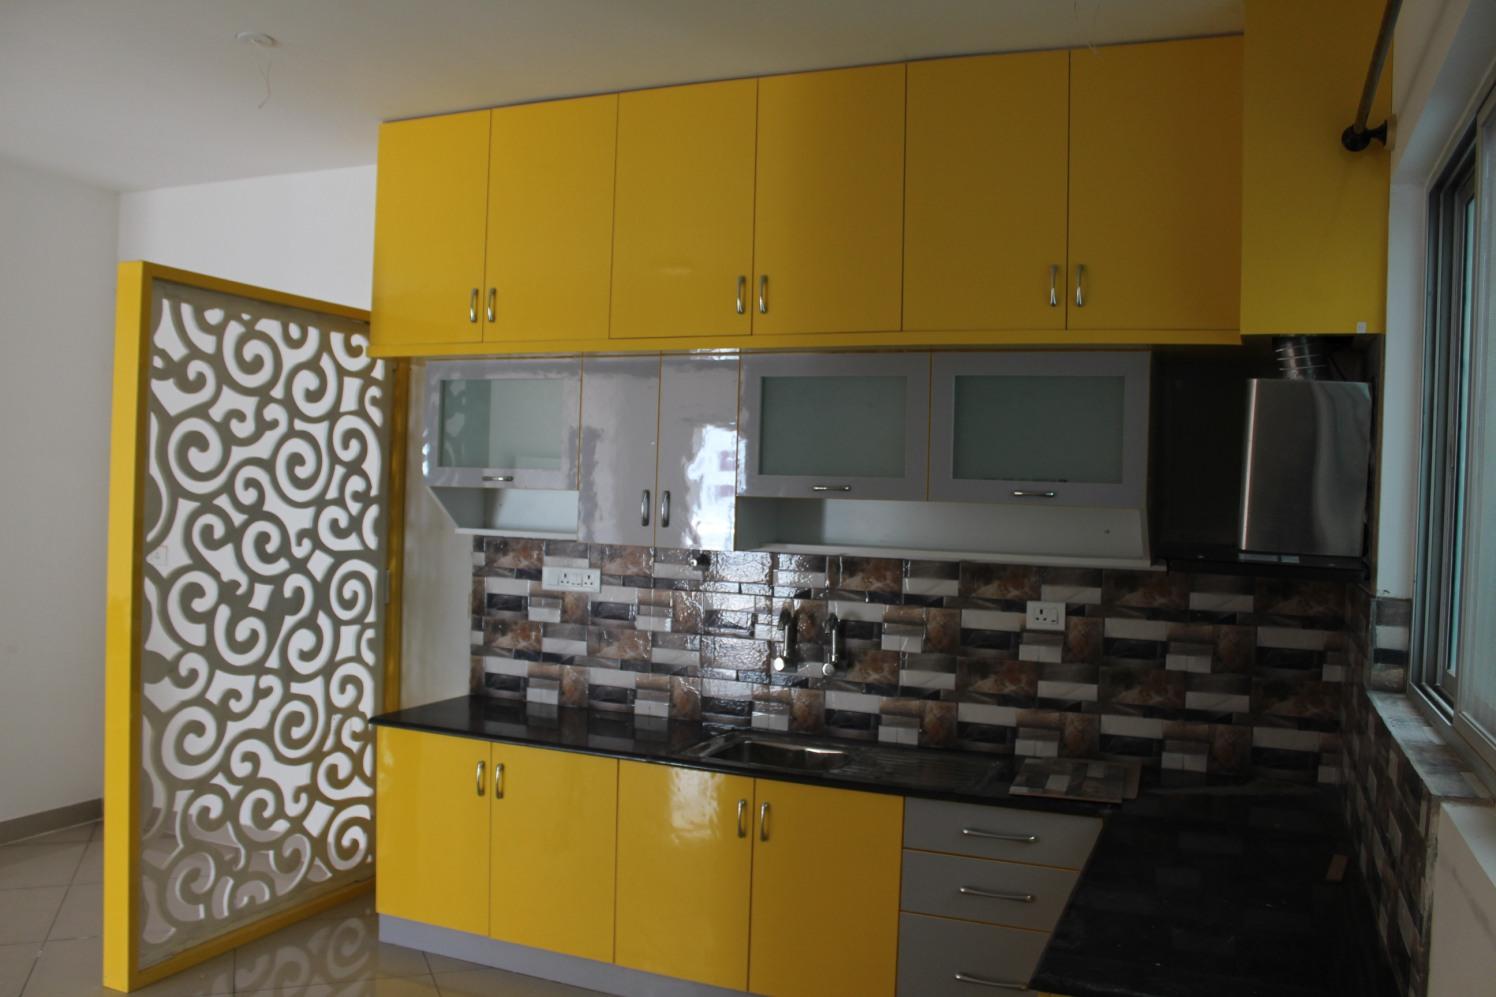 Modular Kitchen by Divine home interiors  Modular-kitchen Modern | Interior Design Photos & Ideas